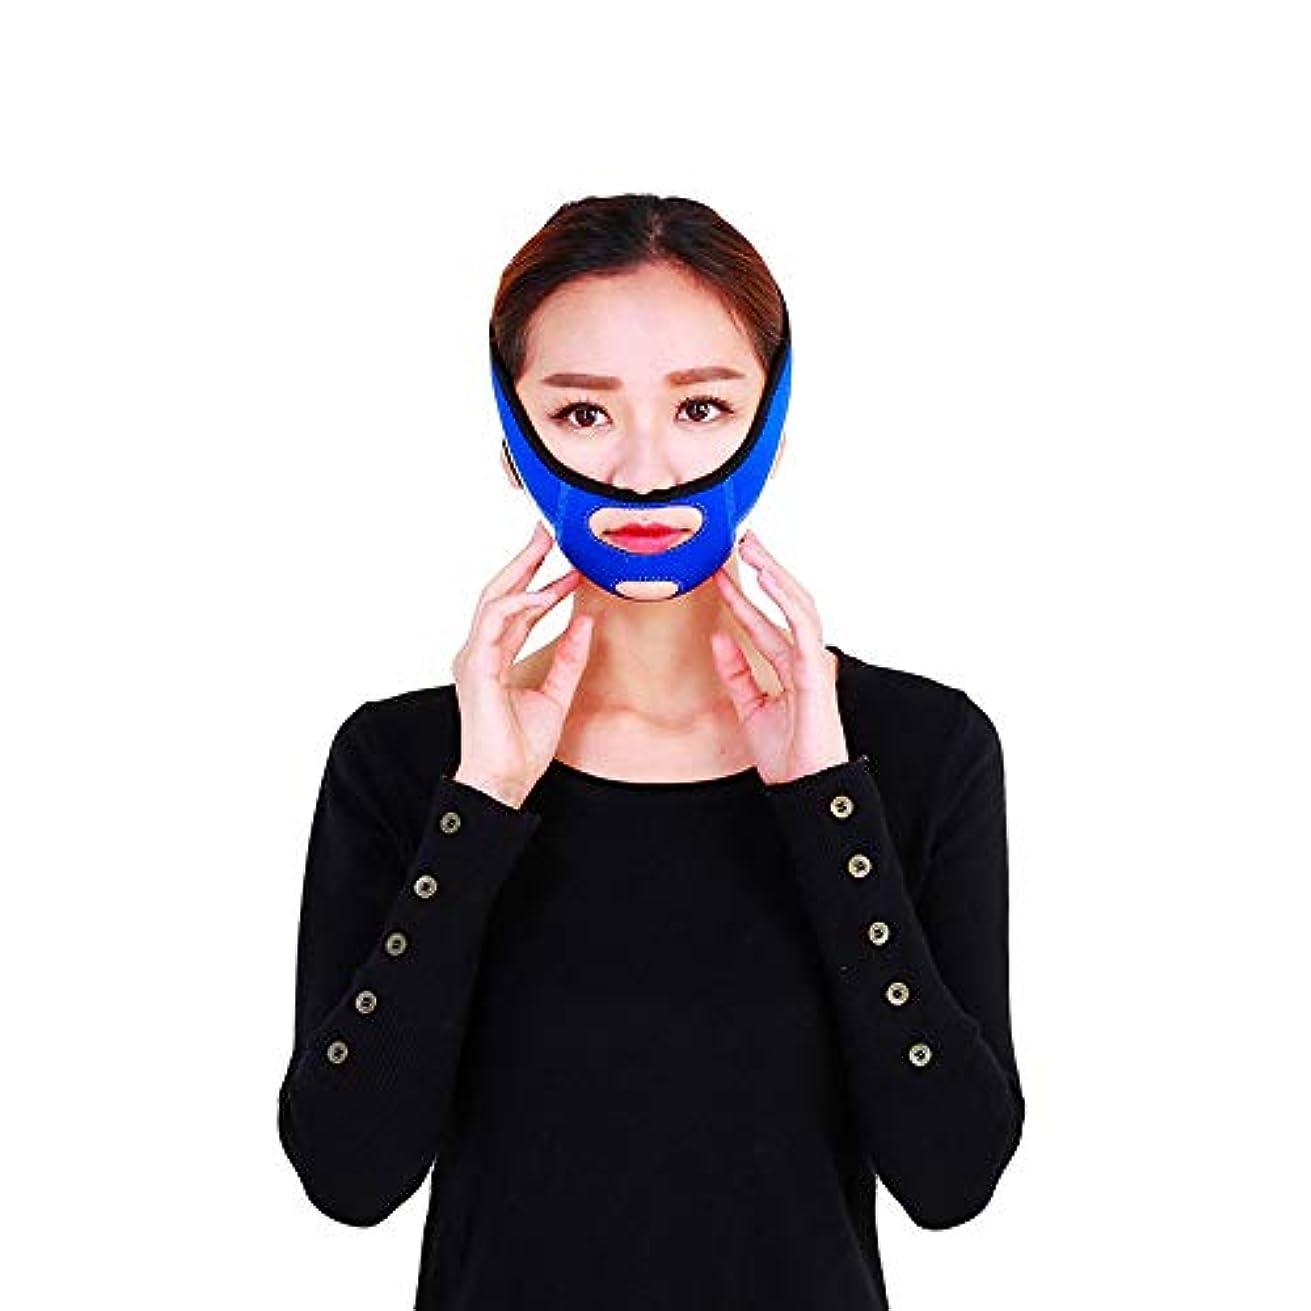 サンプルピカリング騒GYZ フェイシャルリフティング痩身ベルトフェーススリム二重あごを取り除くアンチエイジングリンクルフェイス包帯マスク整形マスクが顔を引き締める Thin Face Belt